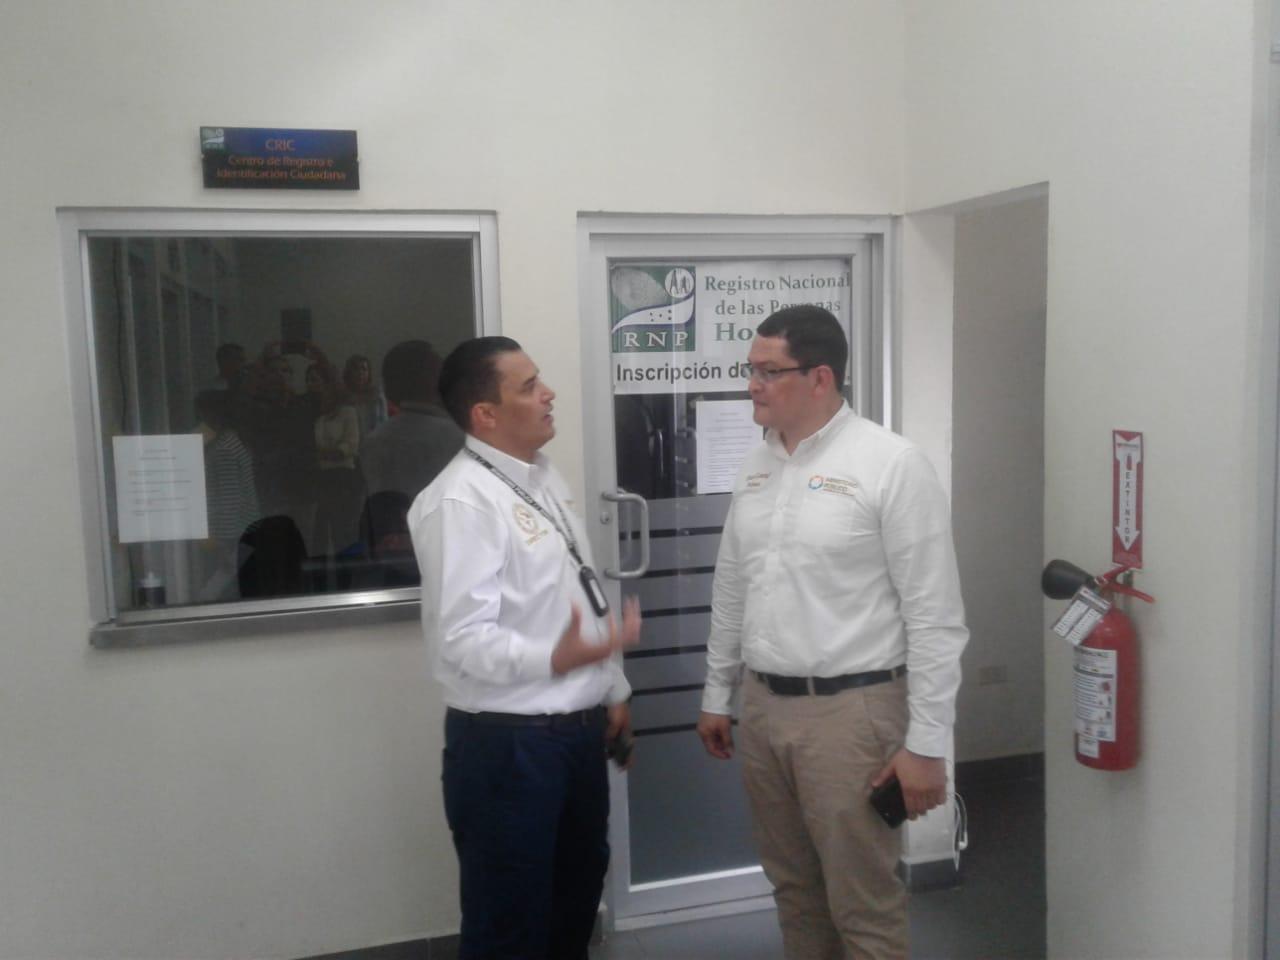 visita Fiscal Adjunto a oficina del CRIC en SPS 1